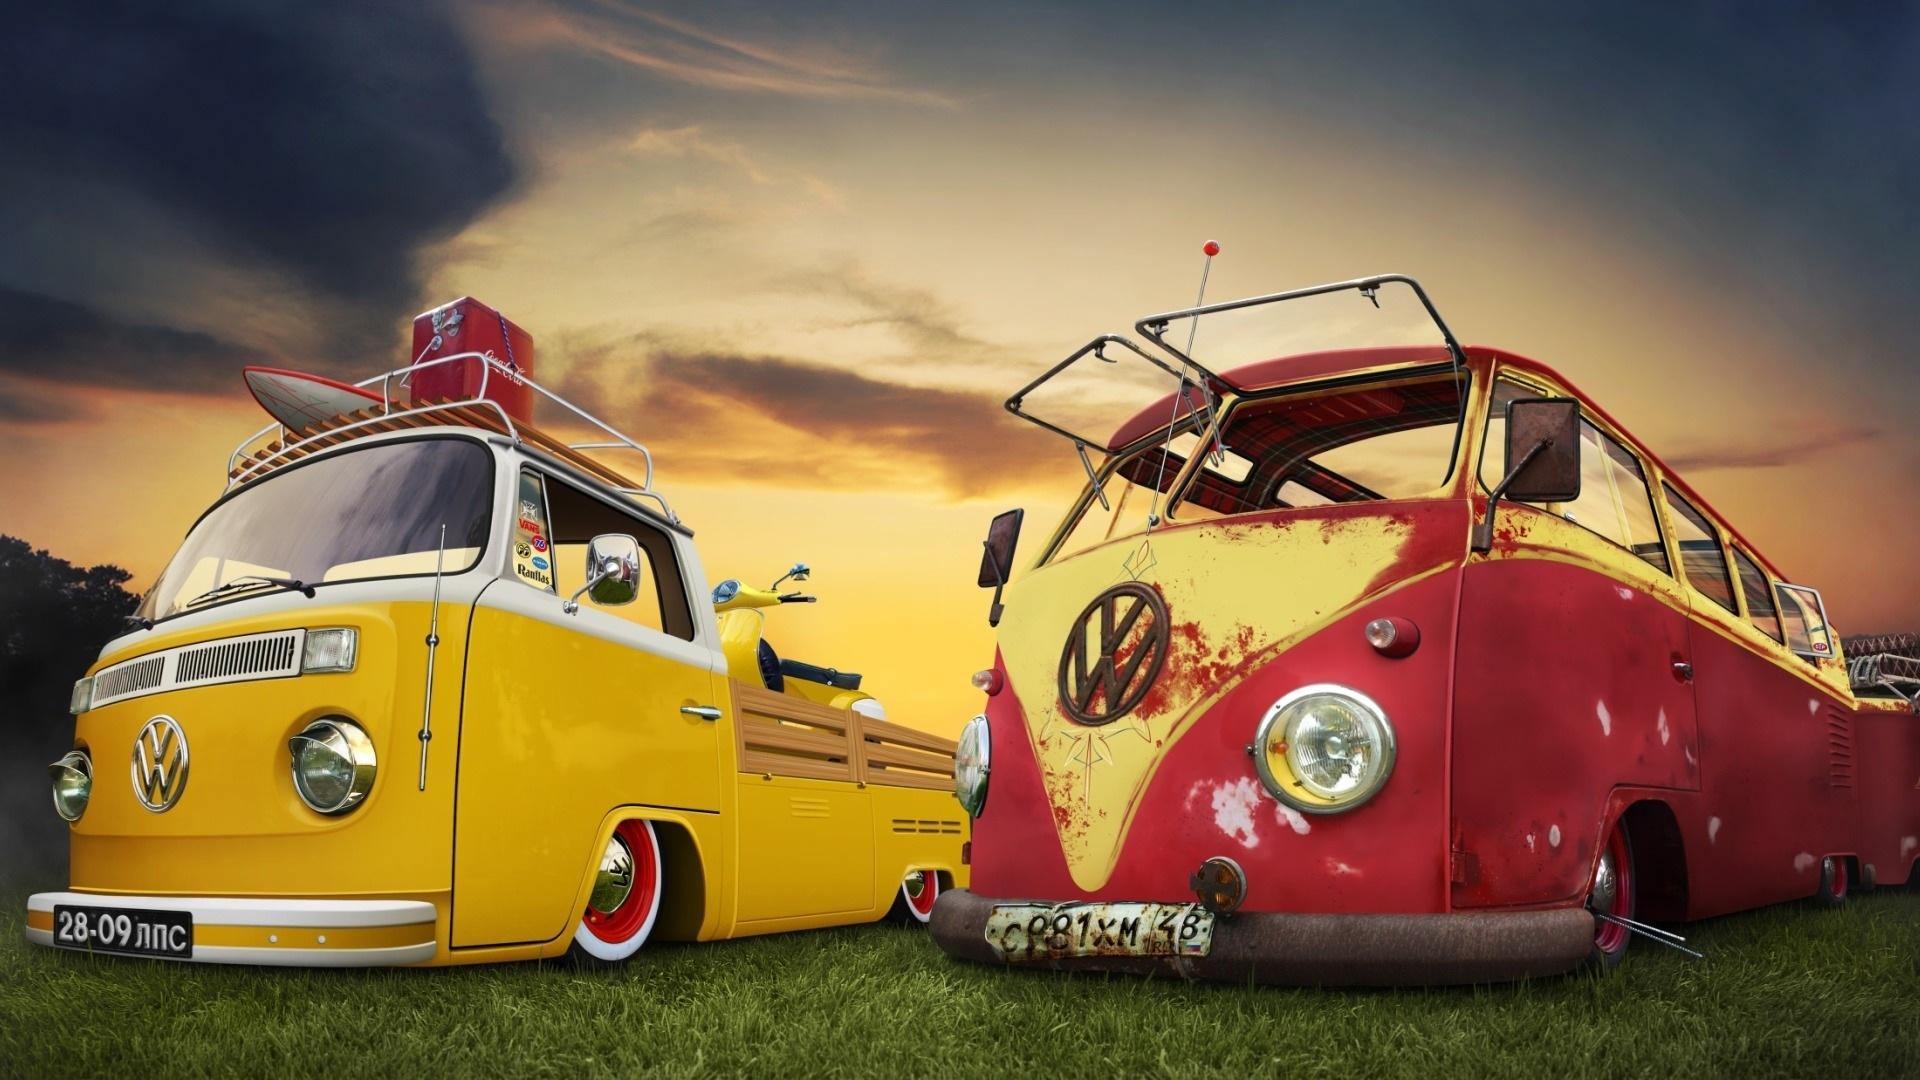 Free Download Vw Combi Van Hd Desktop Wallpapers Volkswagen